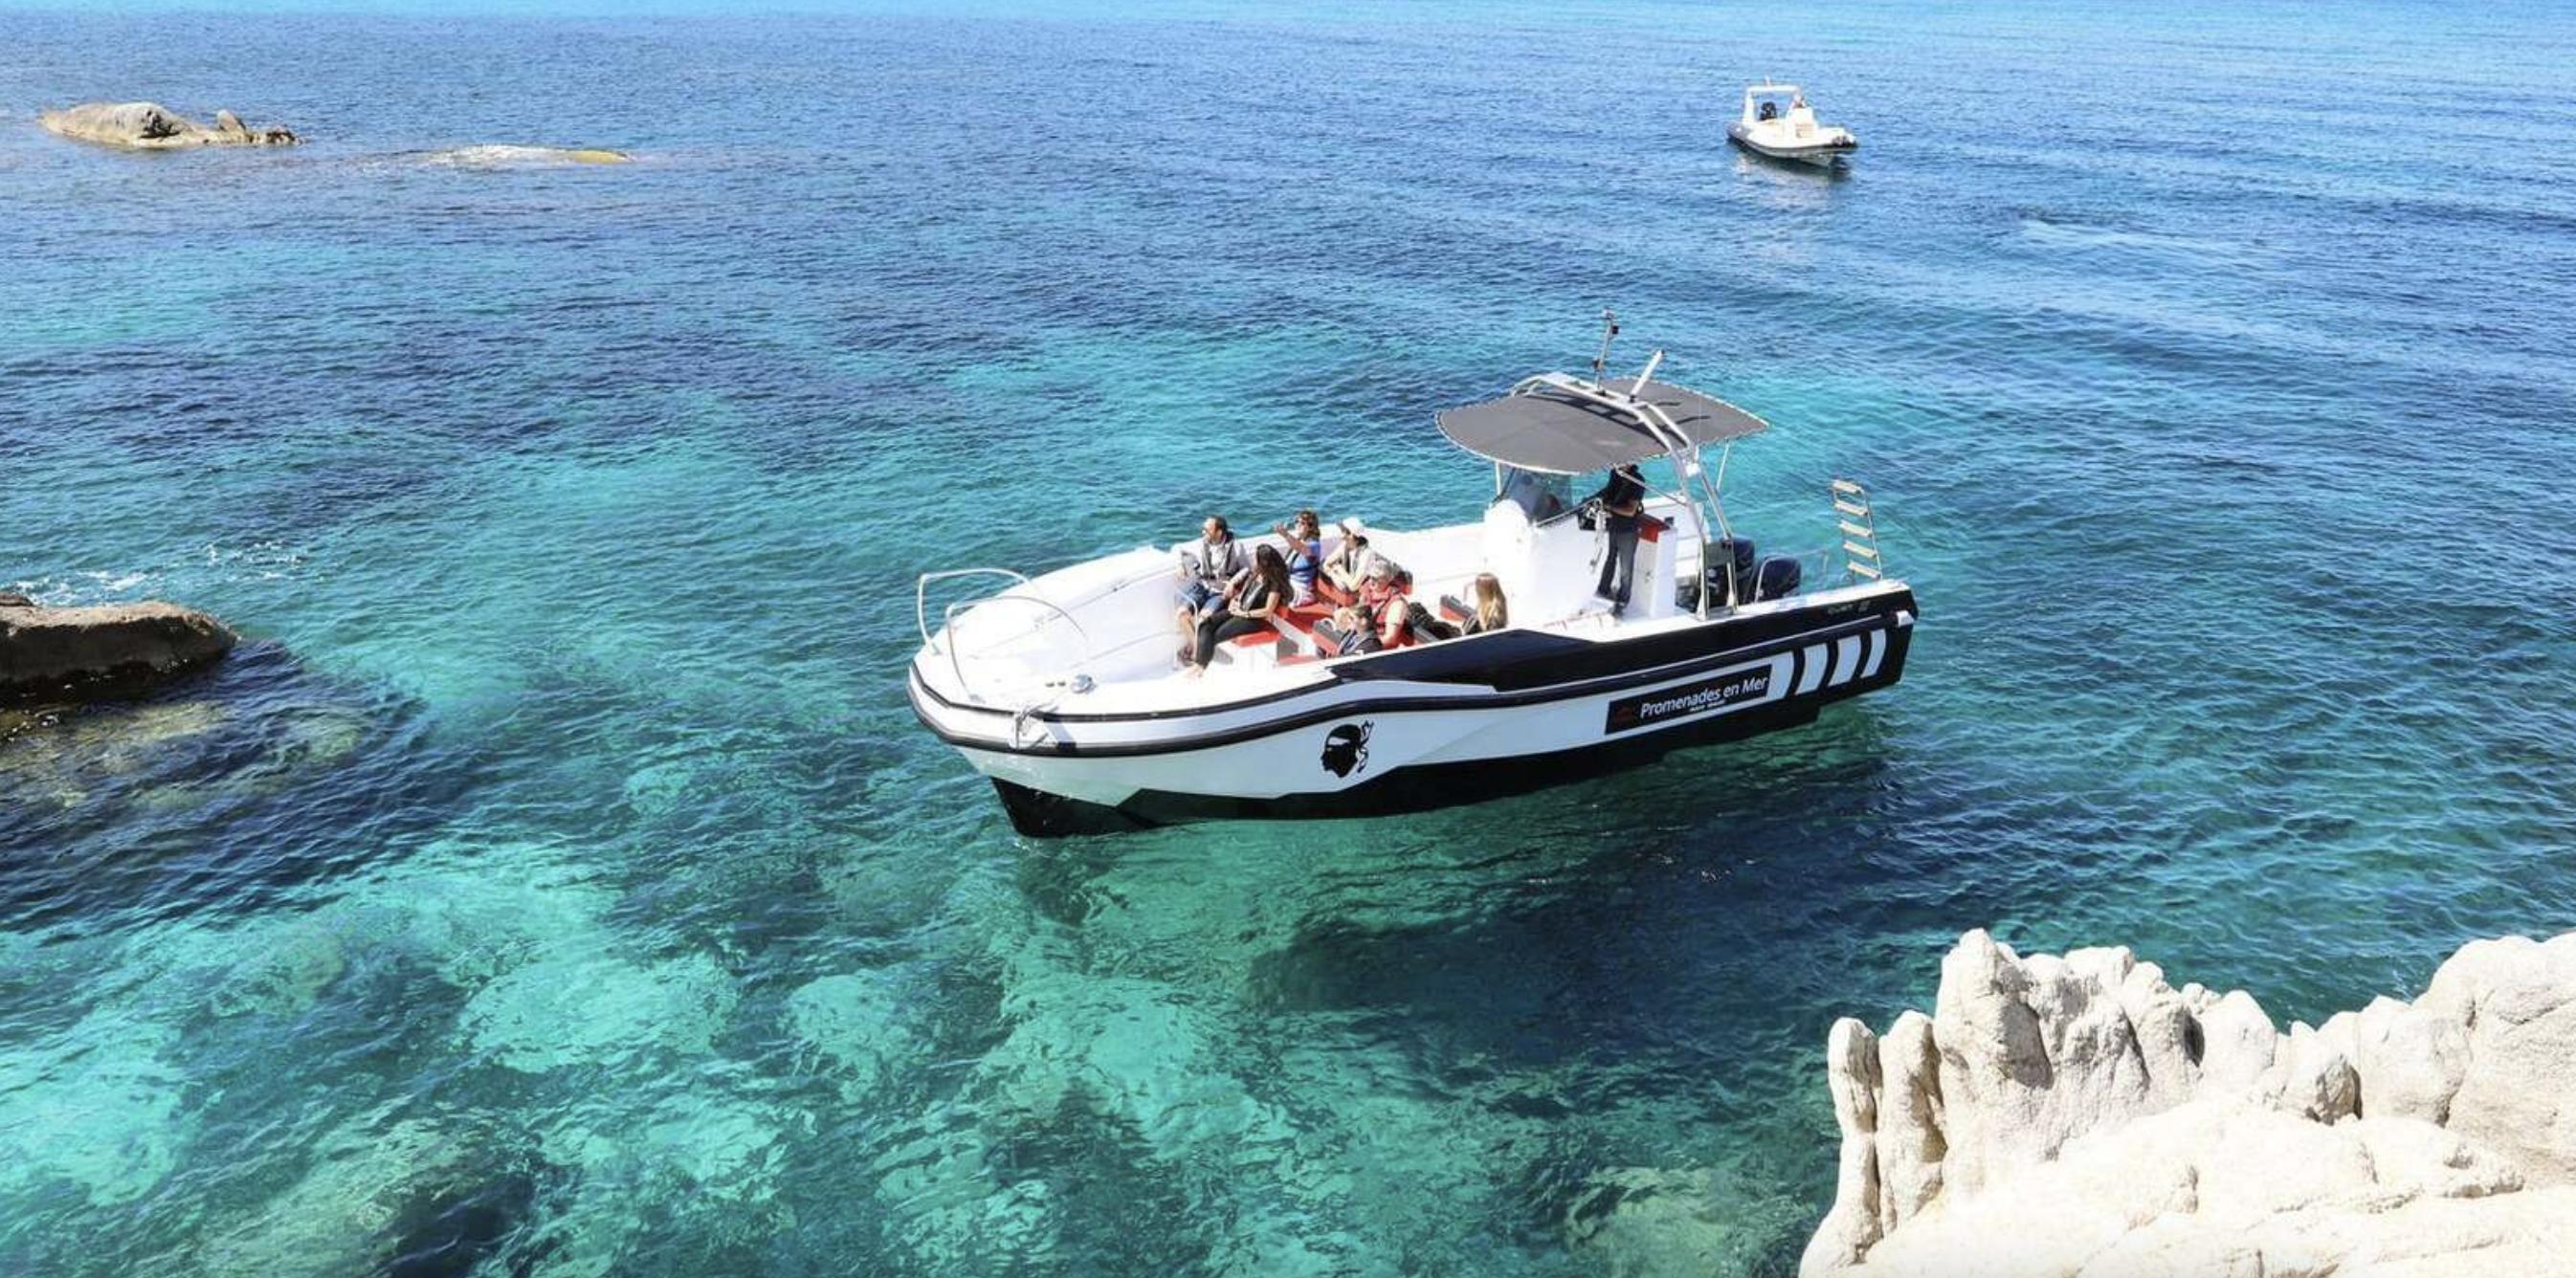 croisiere-de-4-heures-visiter-reserve-scandola-bateau